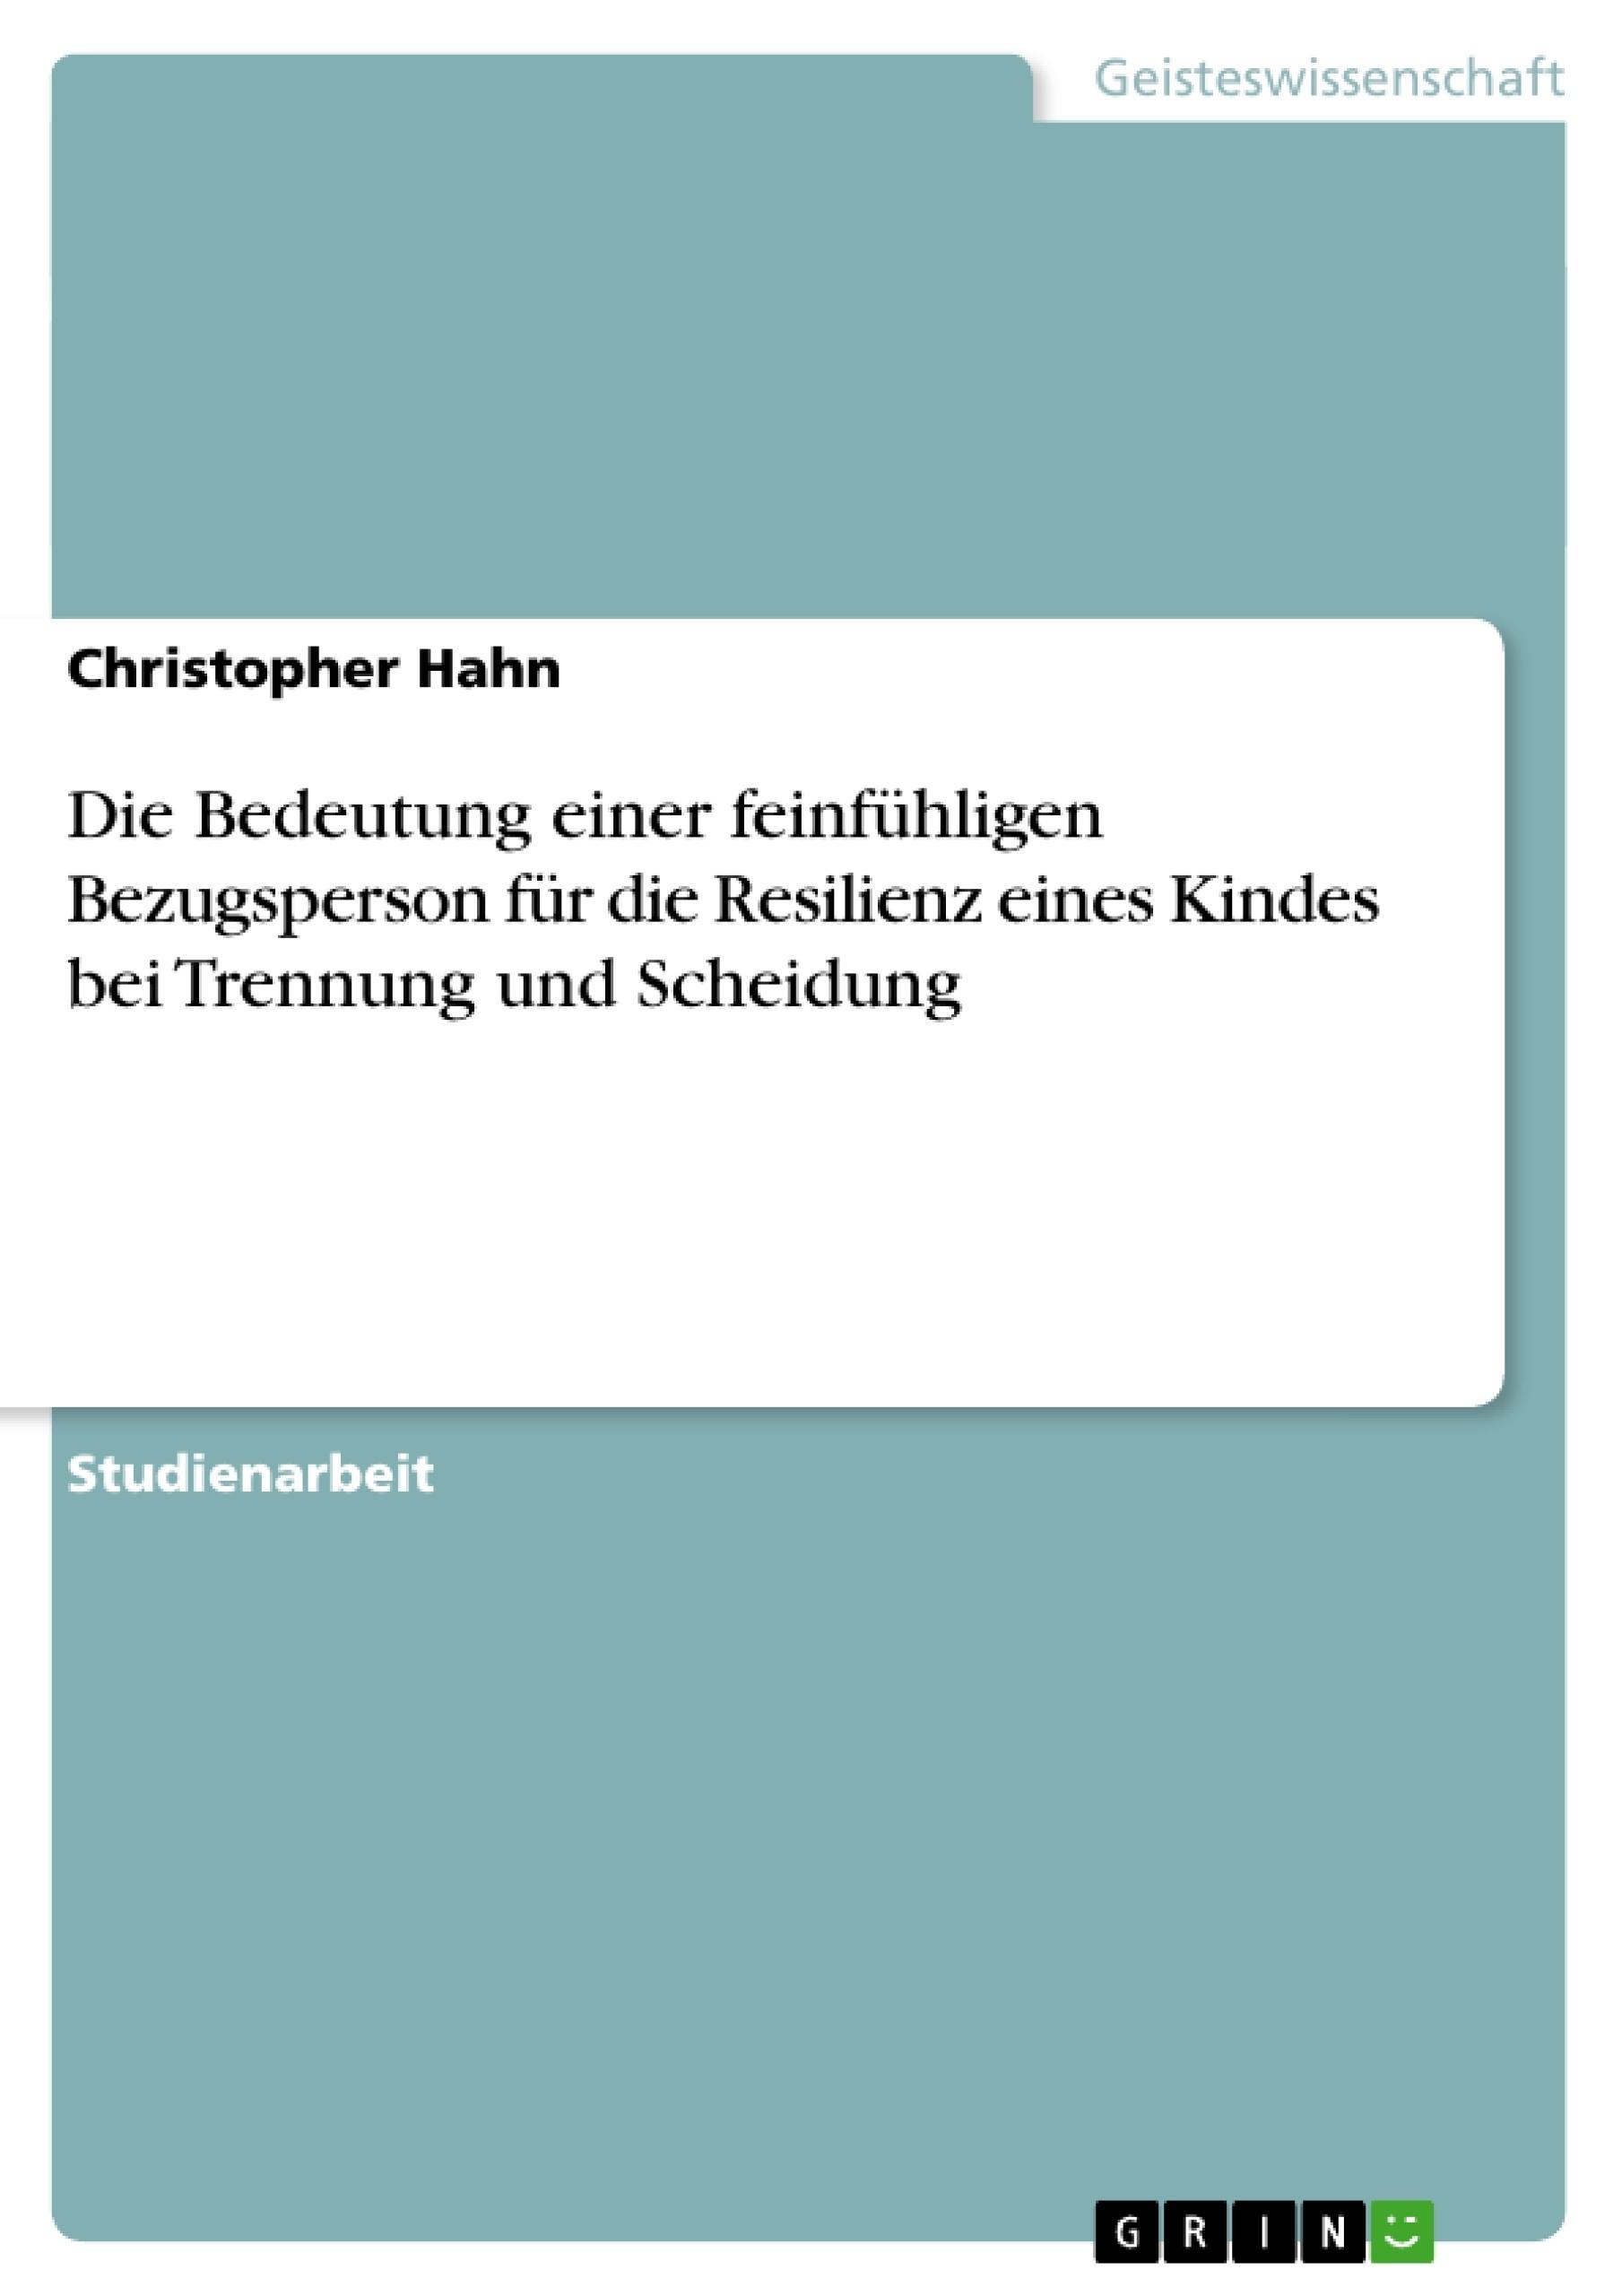 Titel: Die Bedeutung einer feinfühligen Bezugsperson für die Resilienz eines Kindes bei Trennung und Scheidung